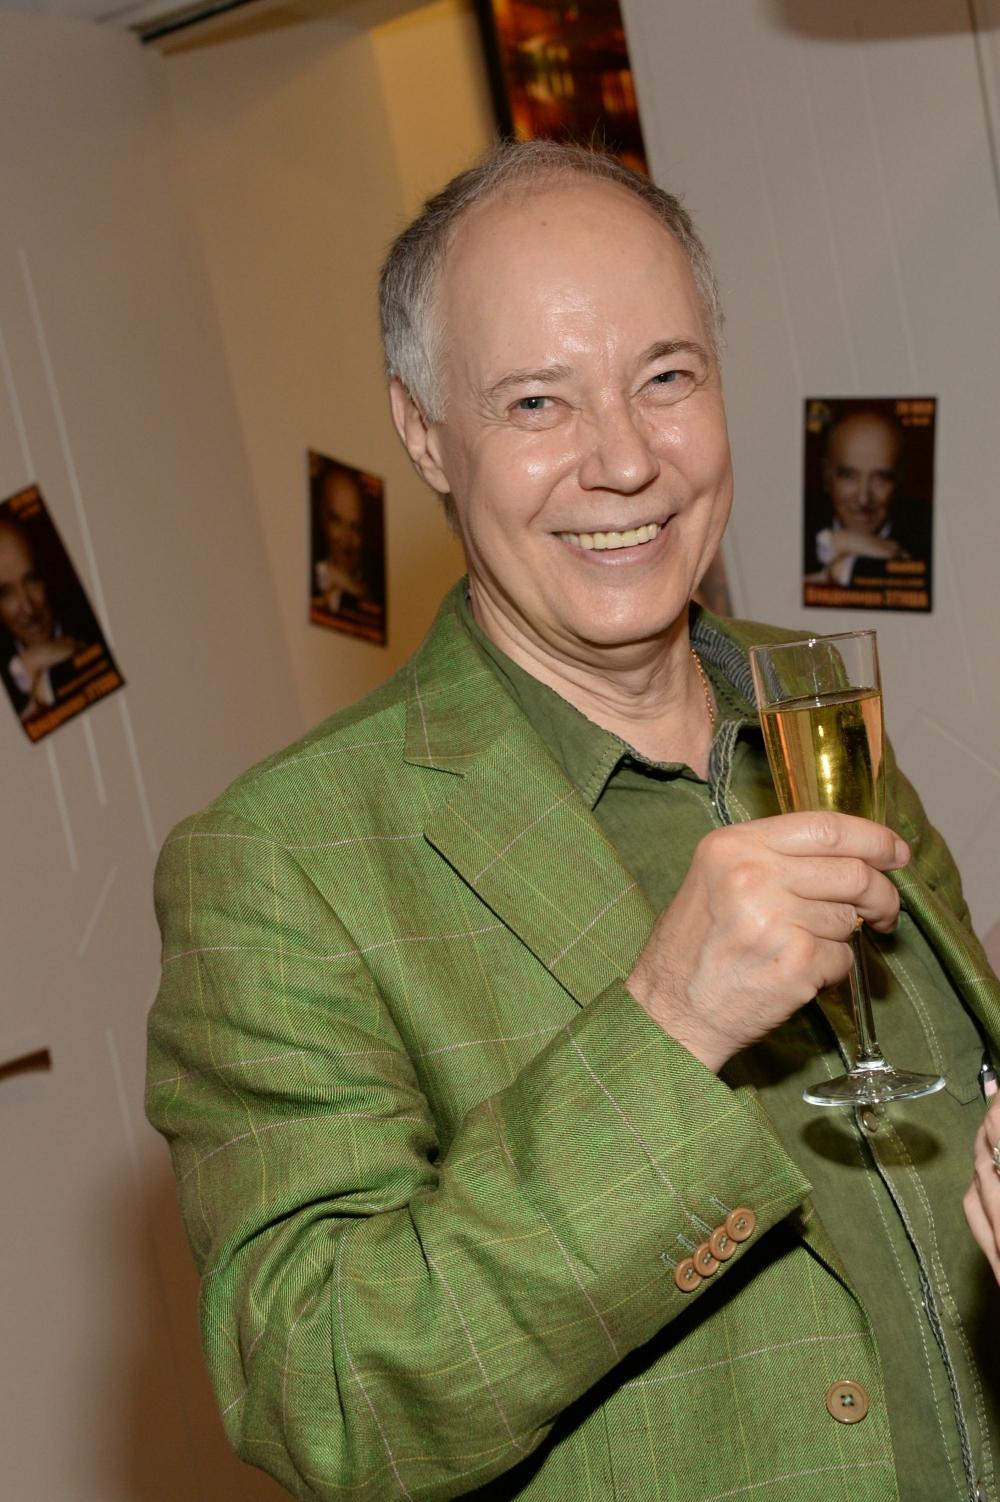 Владимир Конкин участвует в озвучании зарубежных фильмов, также принимал участие в озвучивании многих советских мультфильмов.